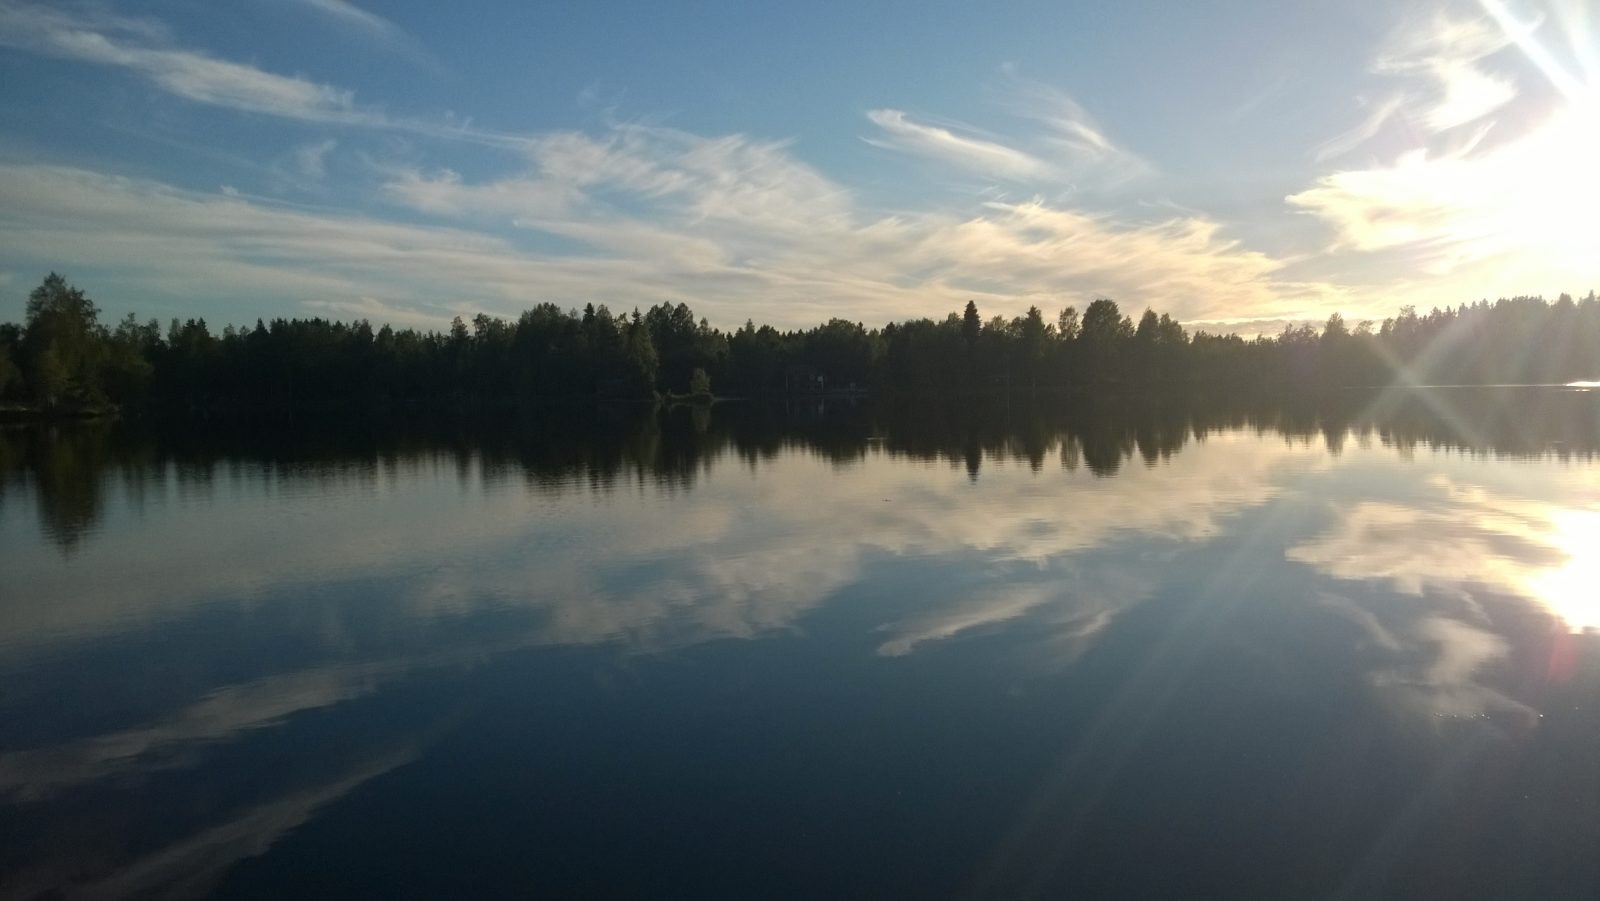 Djupsjön taivaanranta